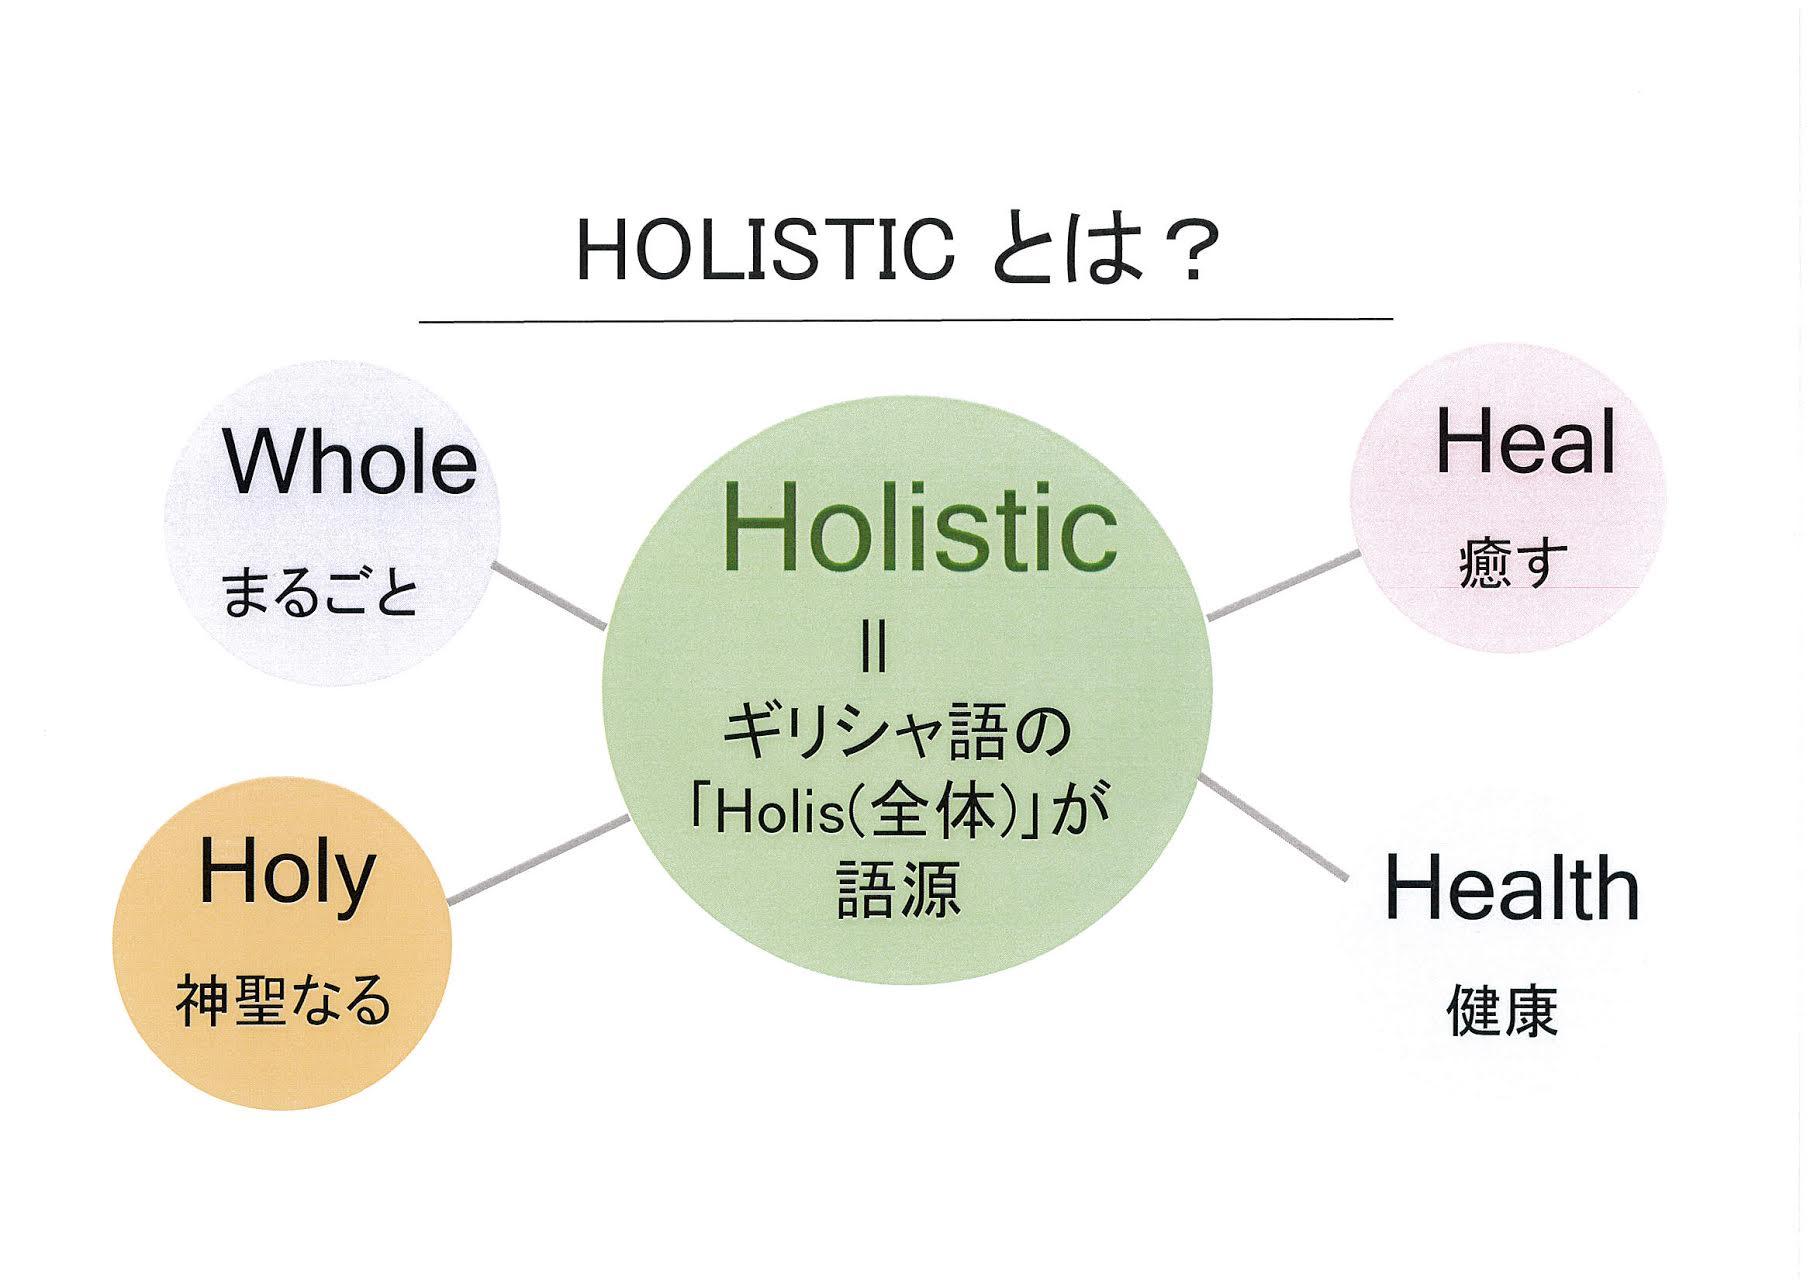 ホリスティックとは?